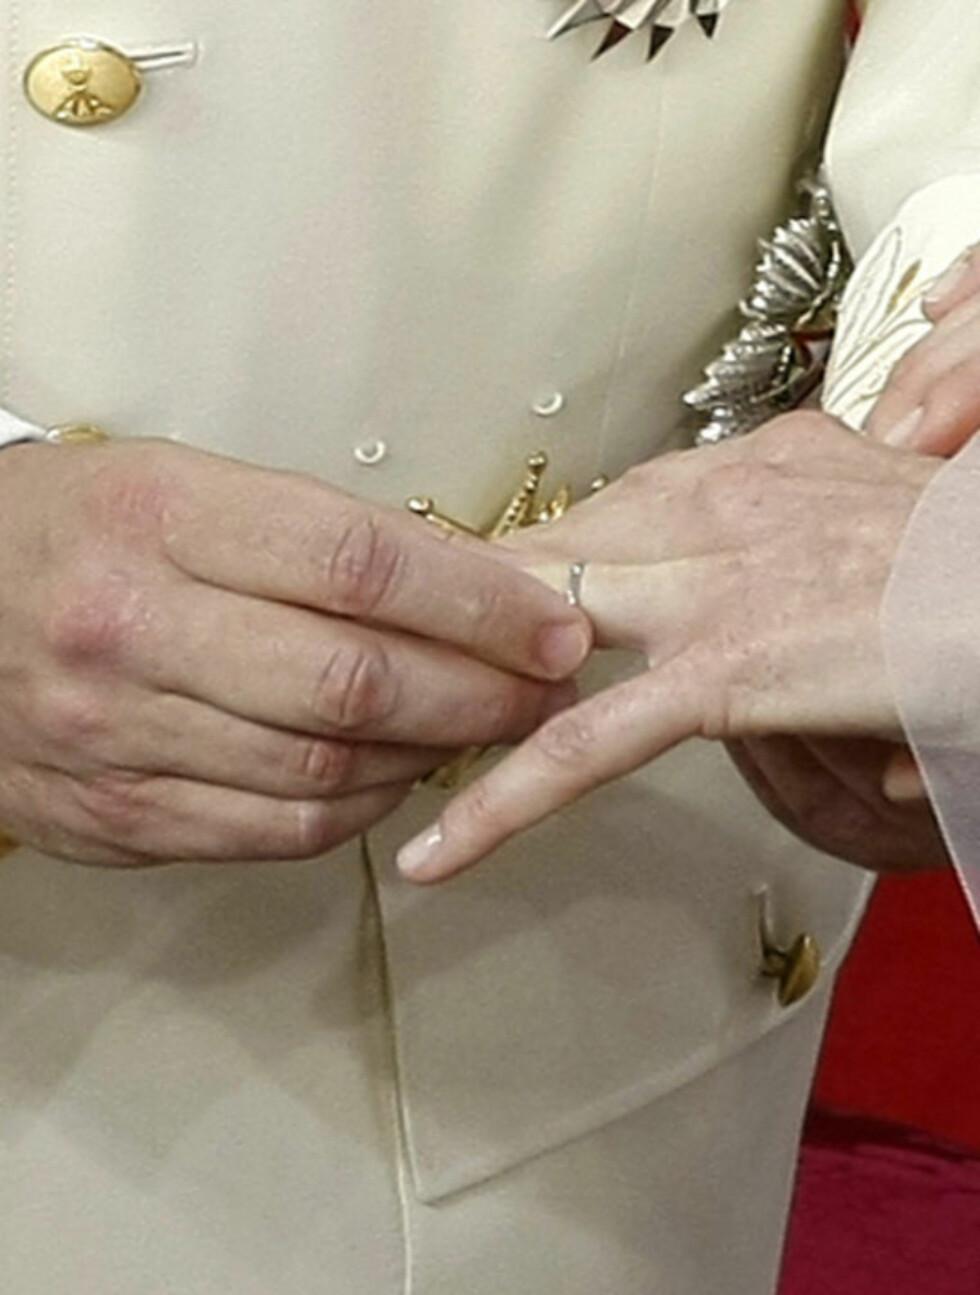 <strong>FLØRTET:</strong> Etter å ha satt gifteringen på Charlenes finger, sendte fyrst Albert henne et flørtete «mimekyss».  Foto: Reuters/ Scanpix